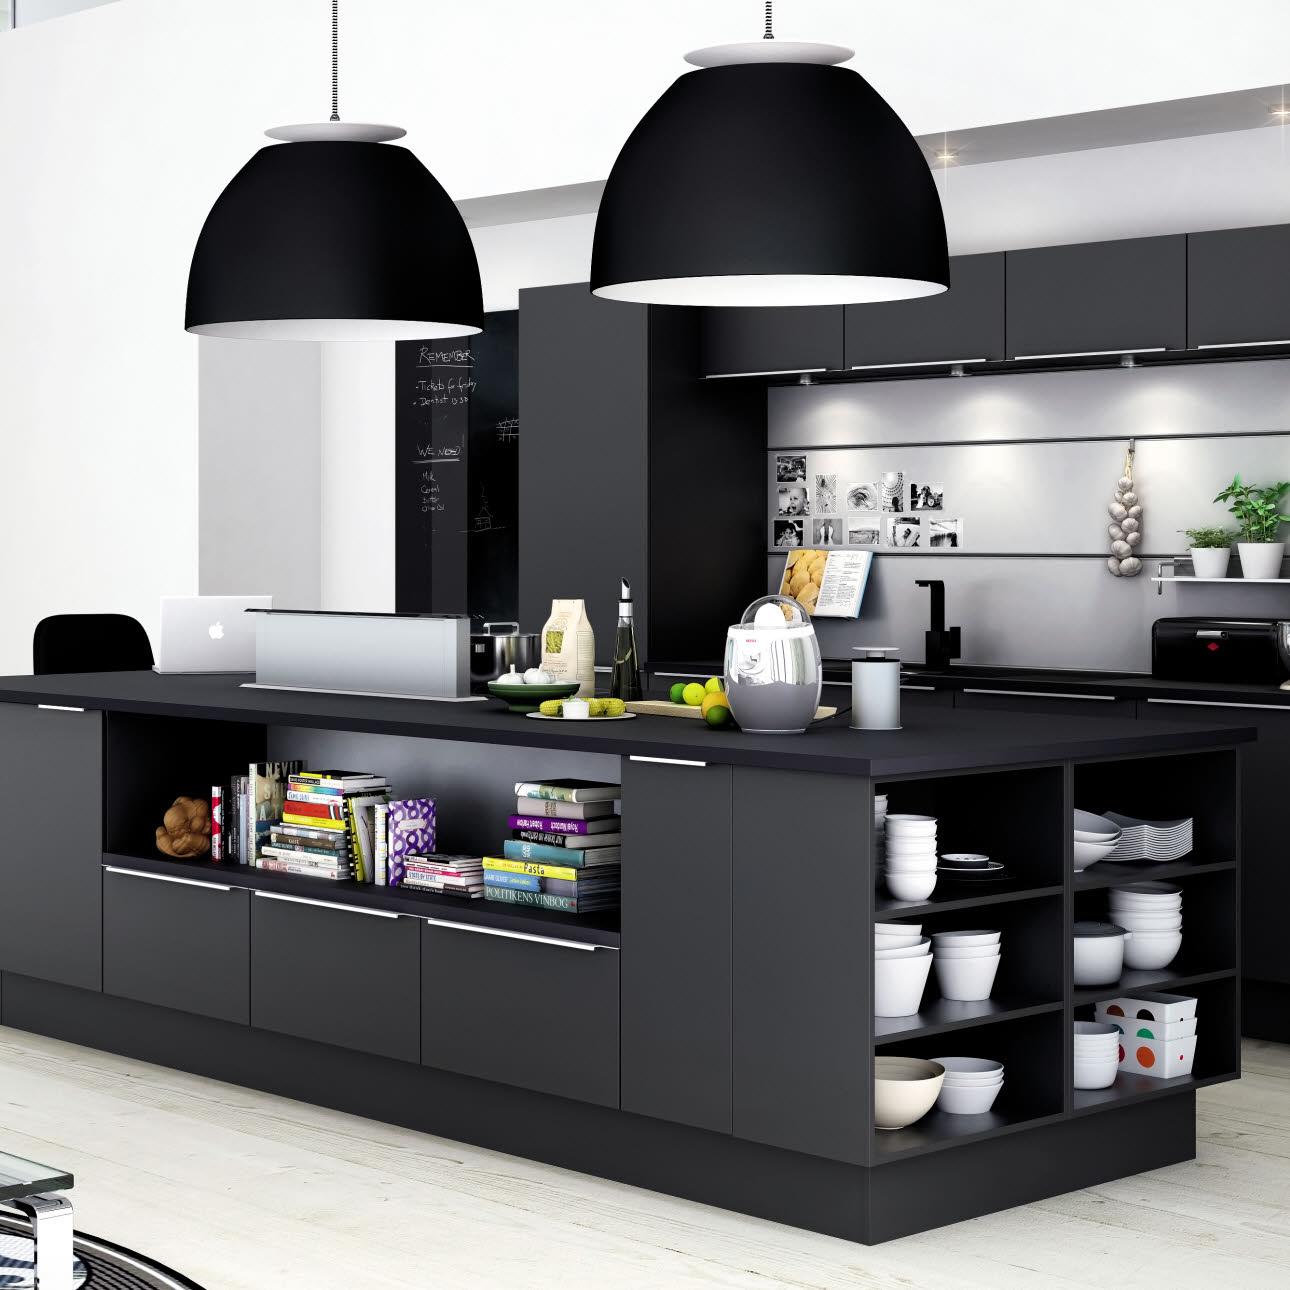 Onko harmaa keittiö hyvä valinta?